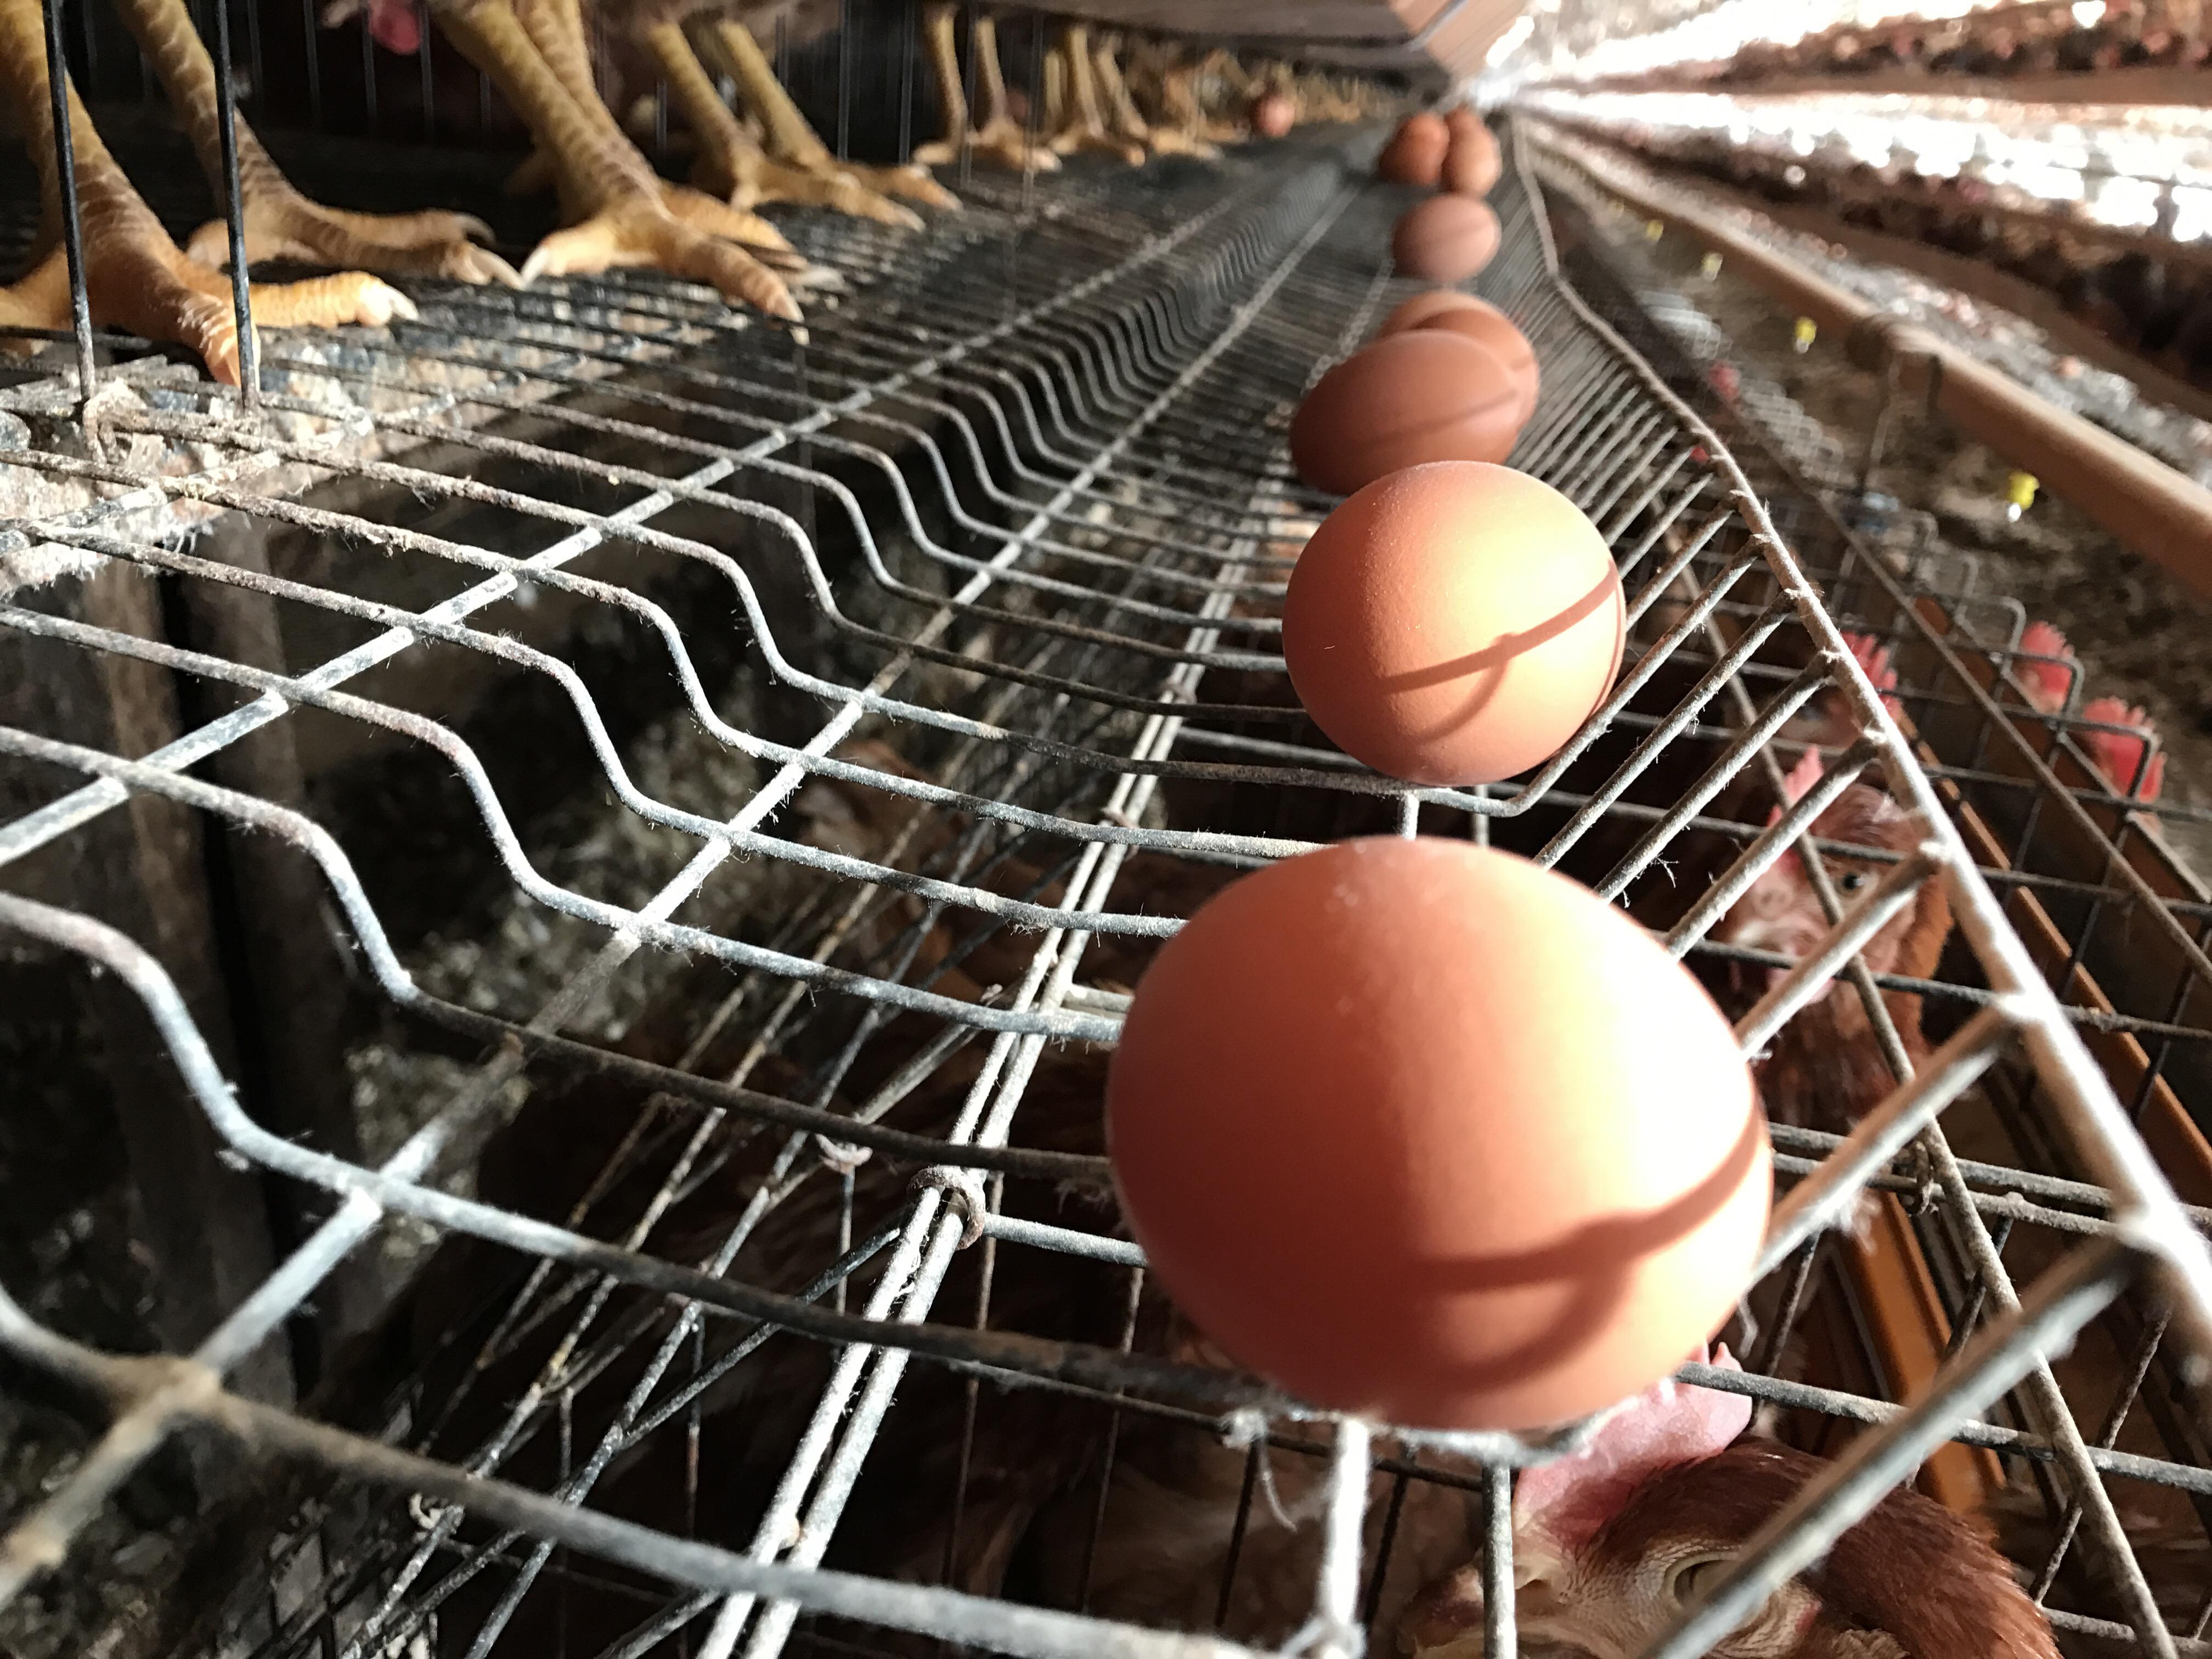 ズラリと並んだ卵